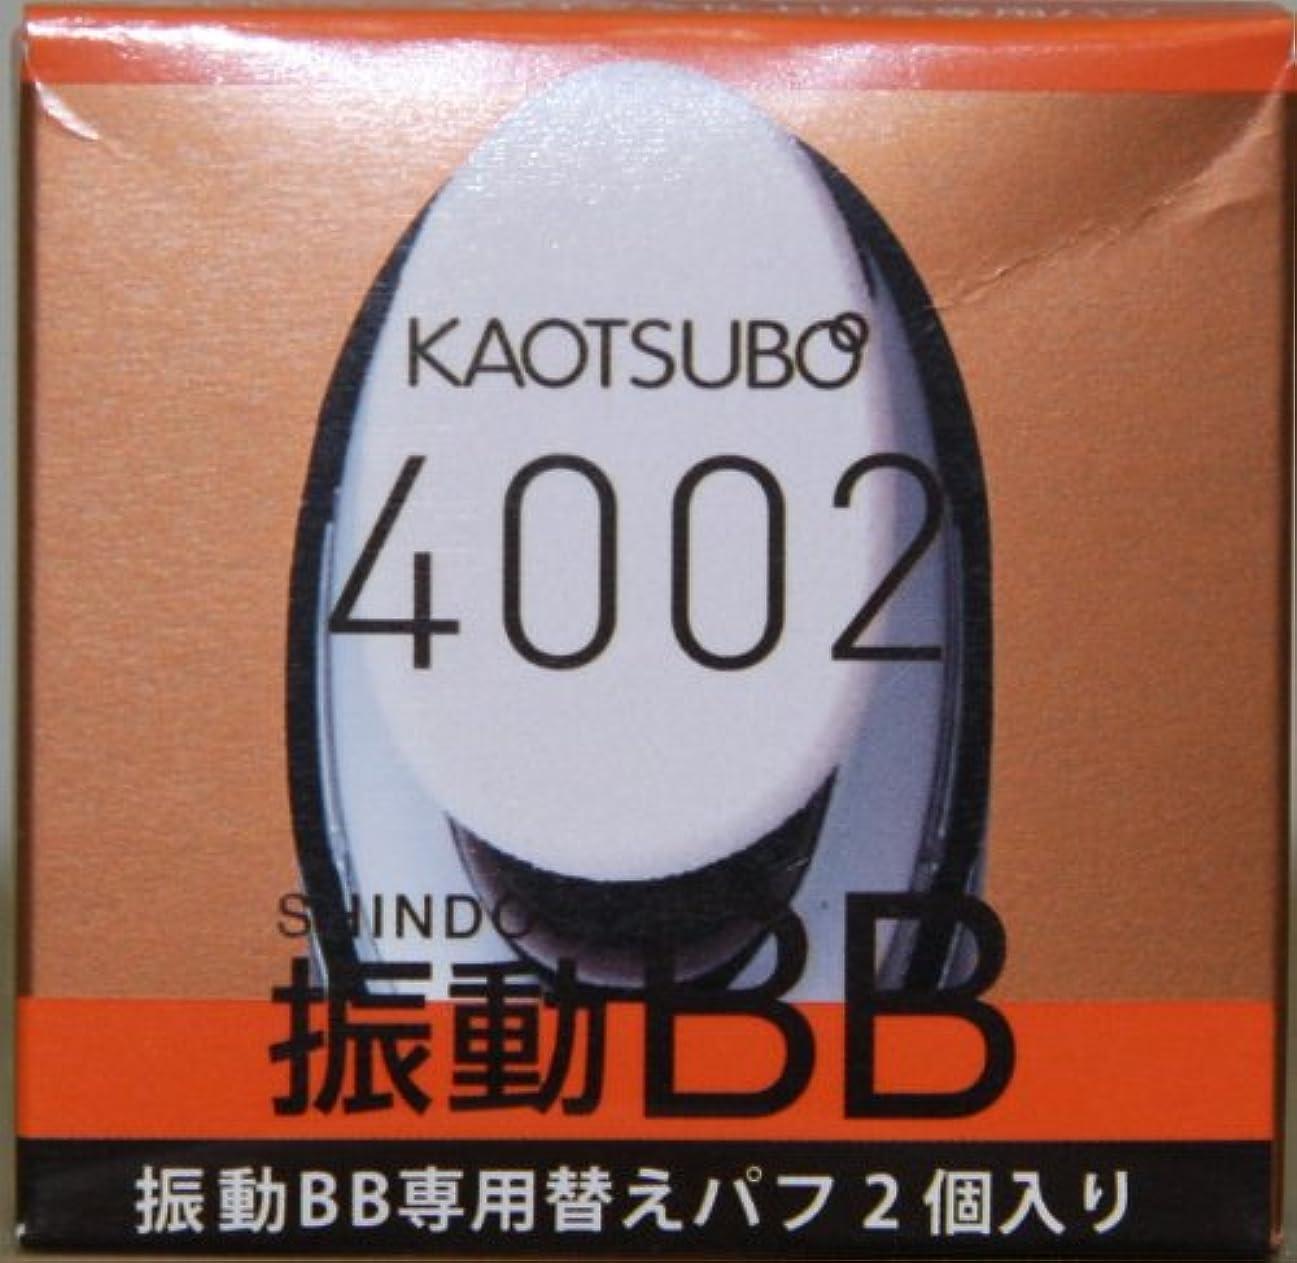 ポータブル準備する高い4002 振動BB 専用パフ (交換用2個)